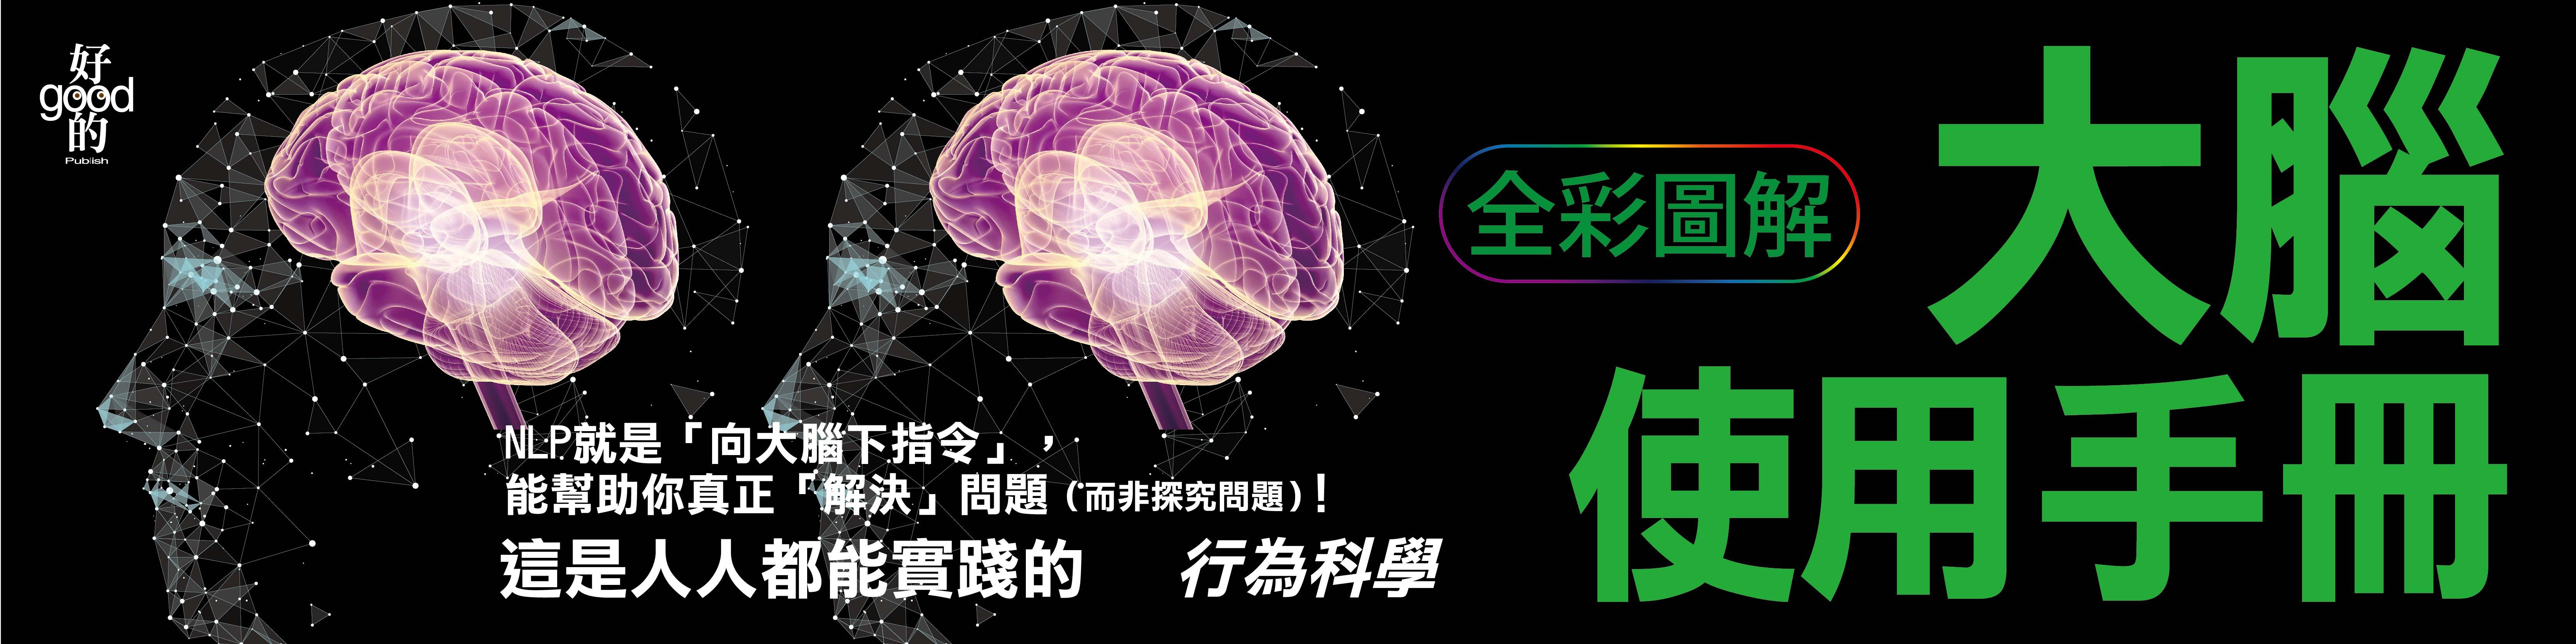 贈書《大腦使用手冊》抽獎活動|書籍|妞活動專區|niusnews妞新聞